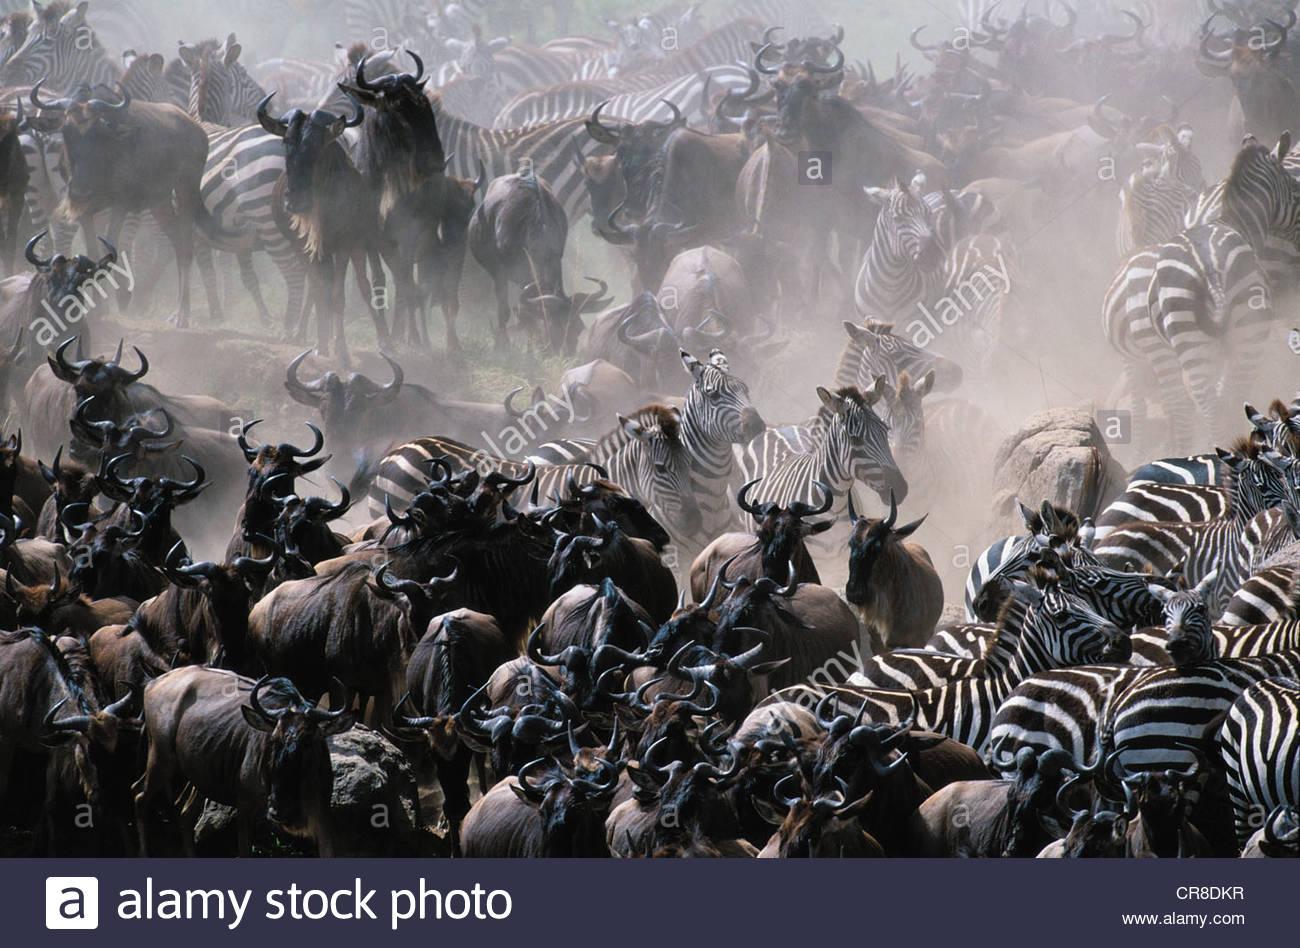 Le pianure Zebra e comune Gnu mandrie, la Riserva Nazionale di Masai Mara, Kenya Immagini Stock